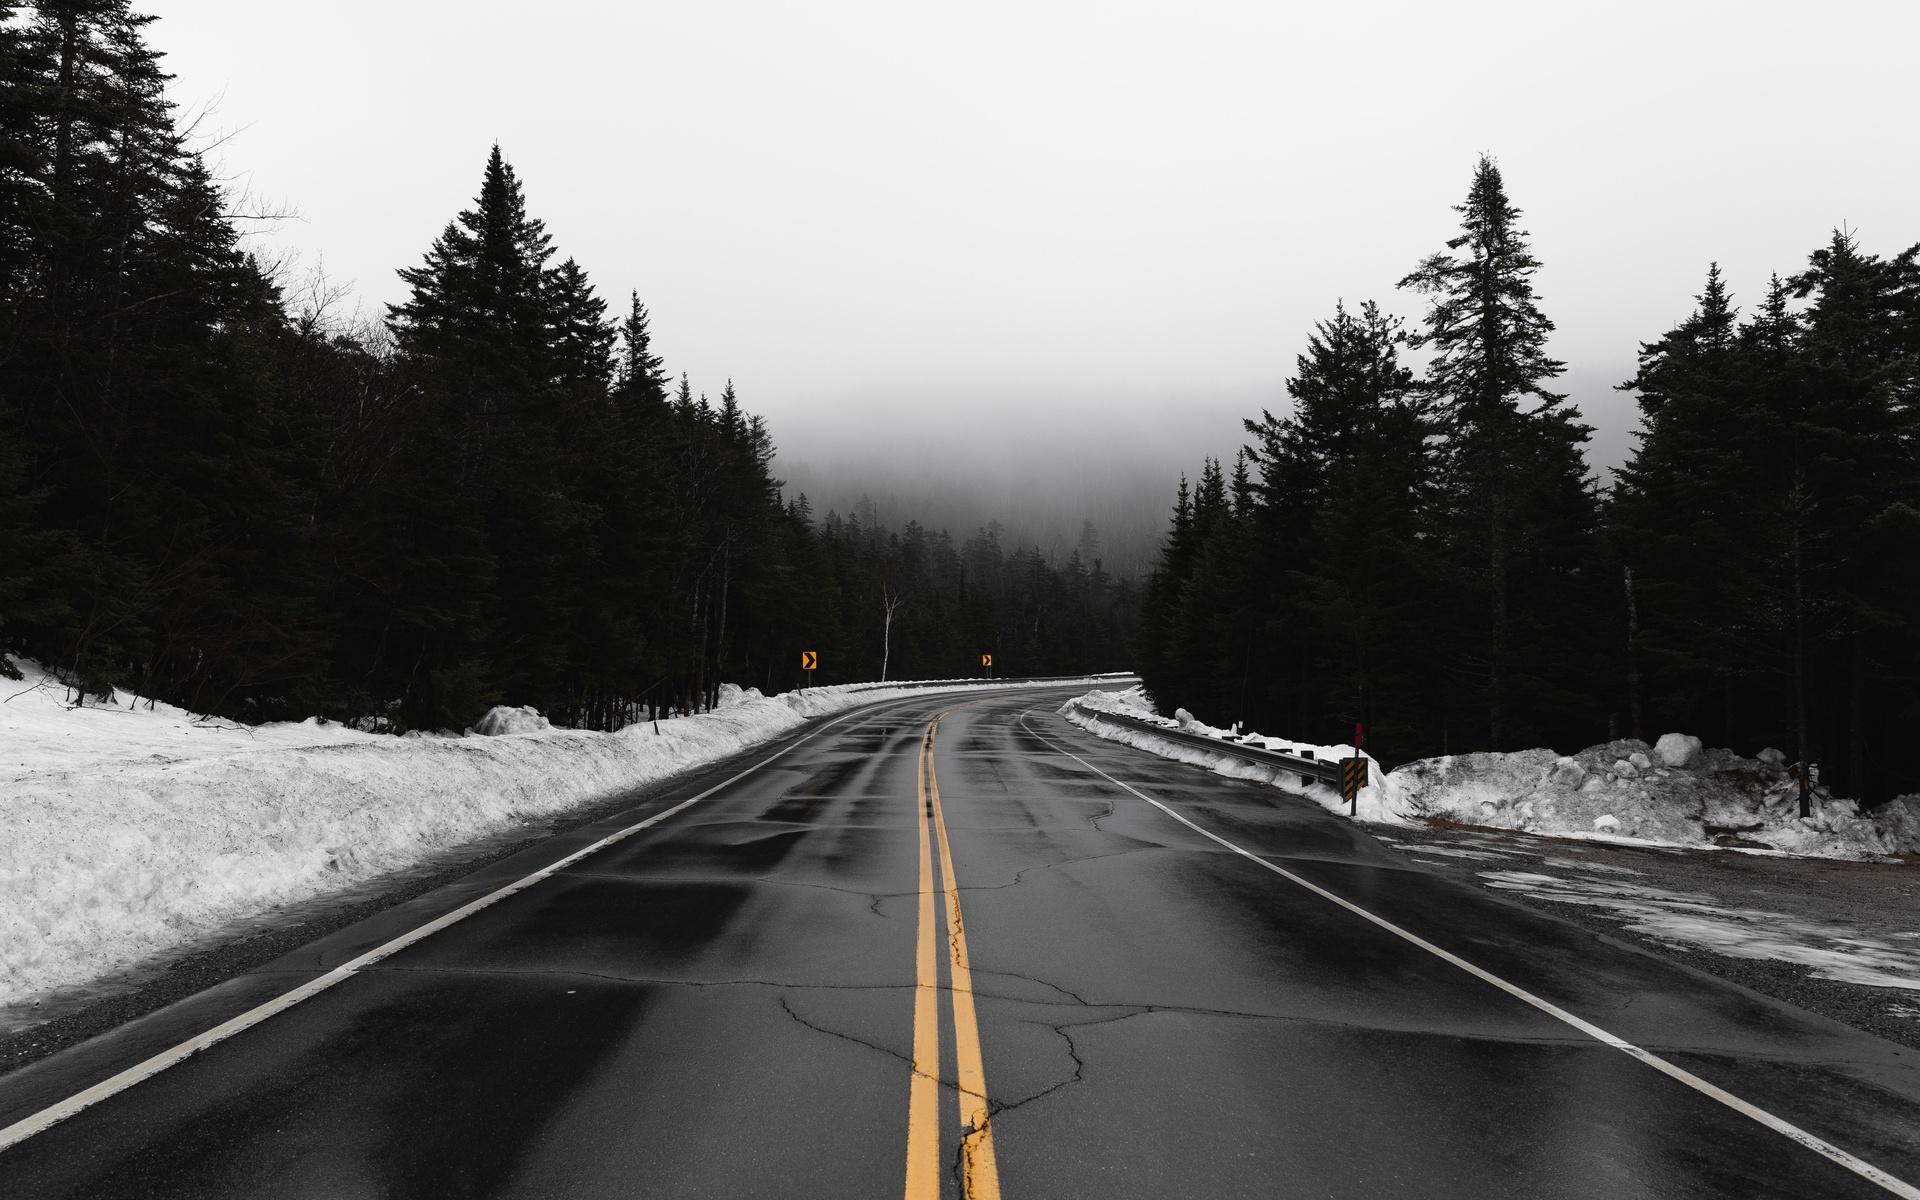 дорога, туман, поворот, снег, пасмурно